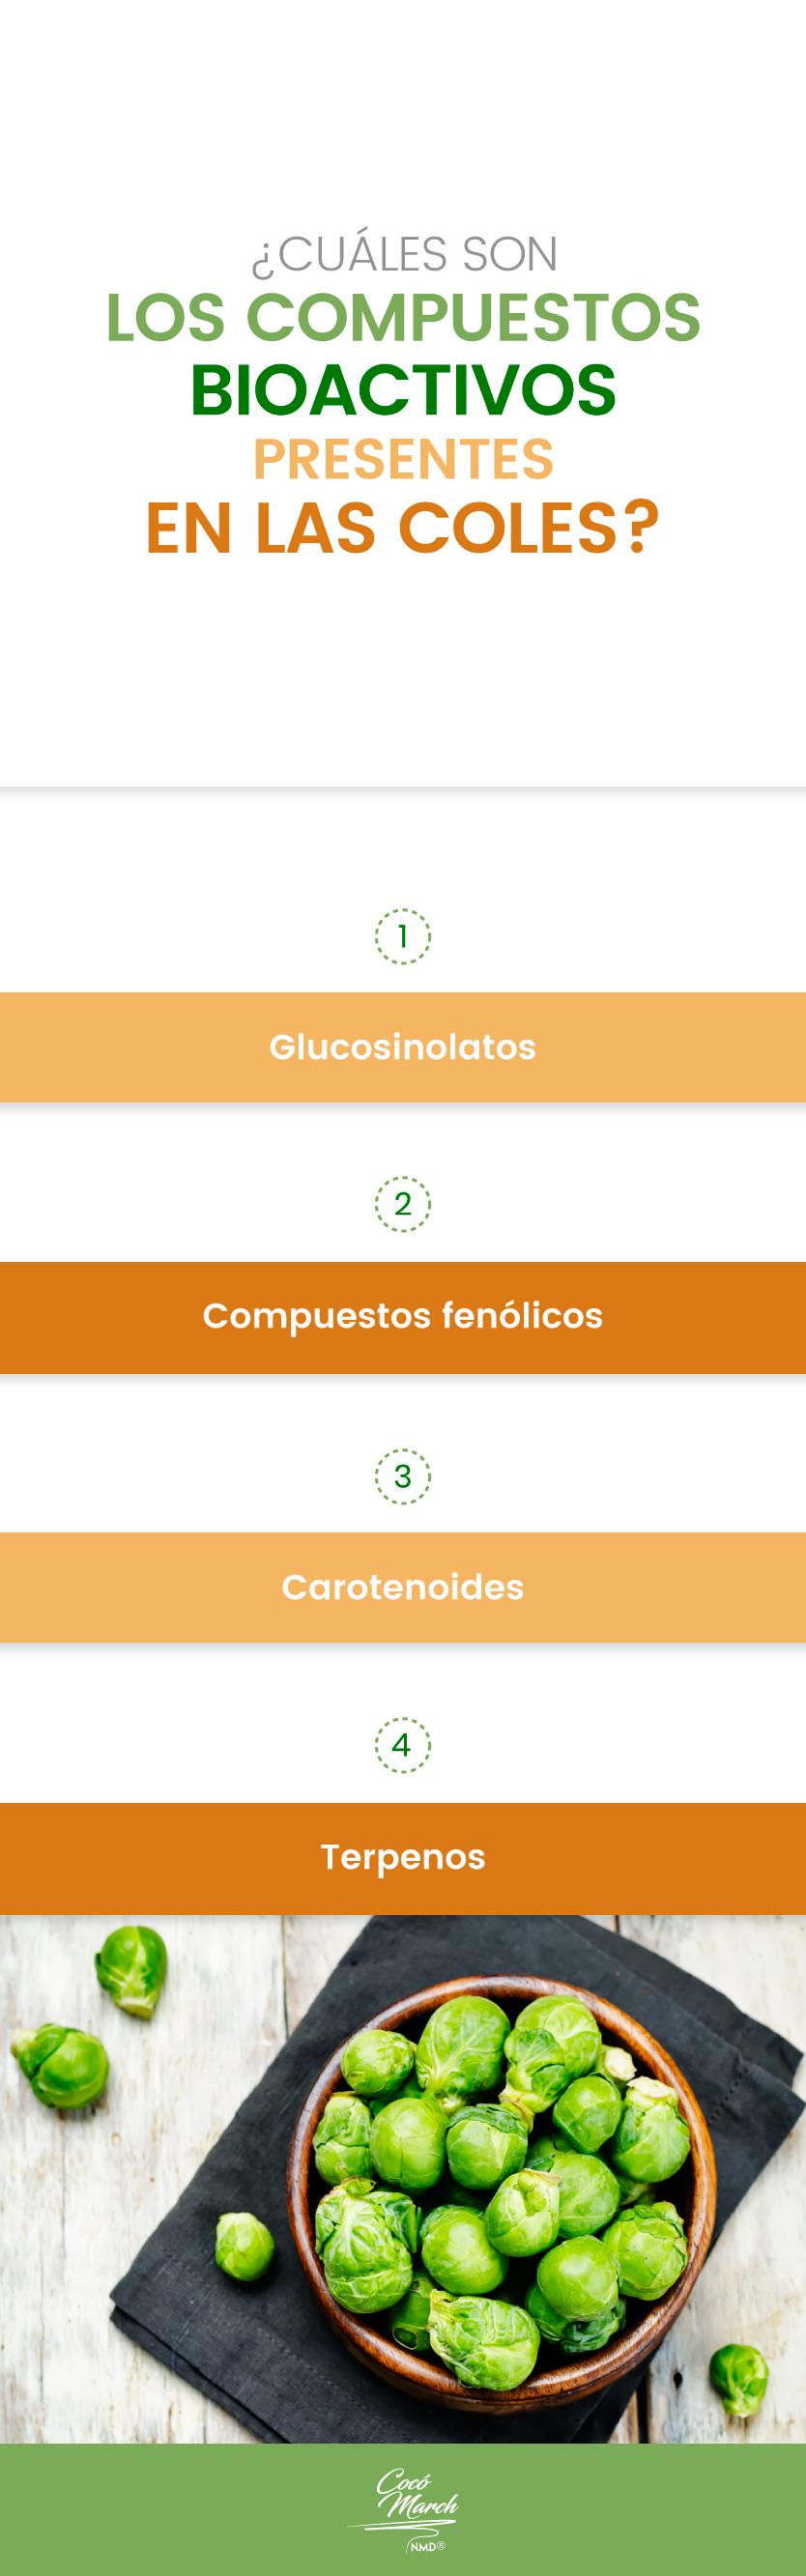 compuestos-bioactivos-presentes-en-los-coles